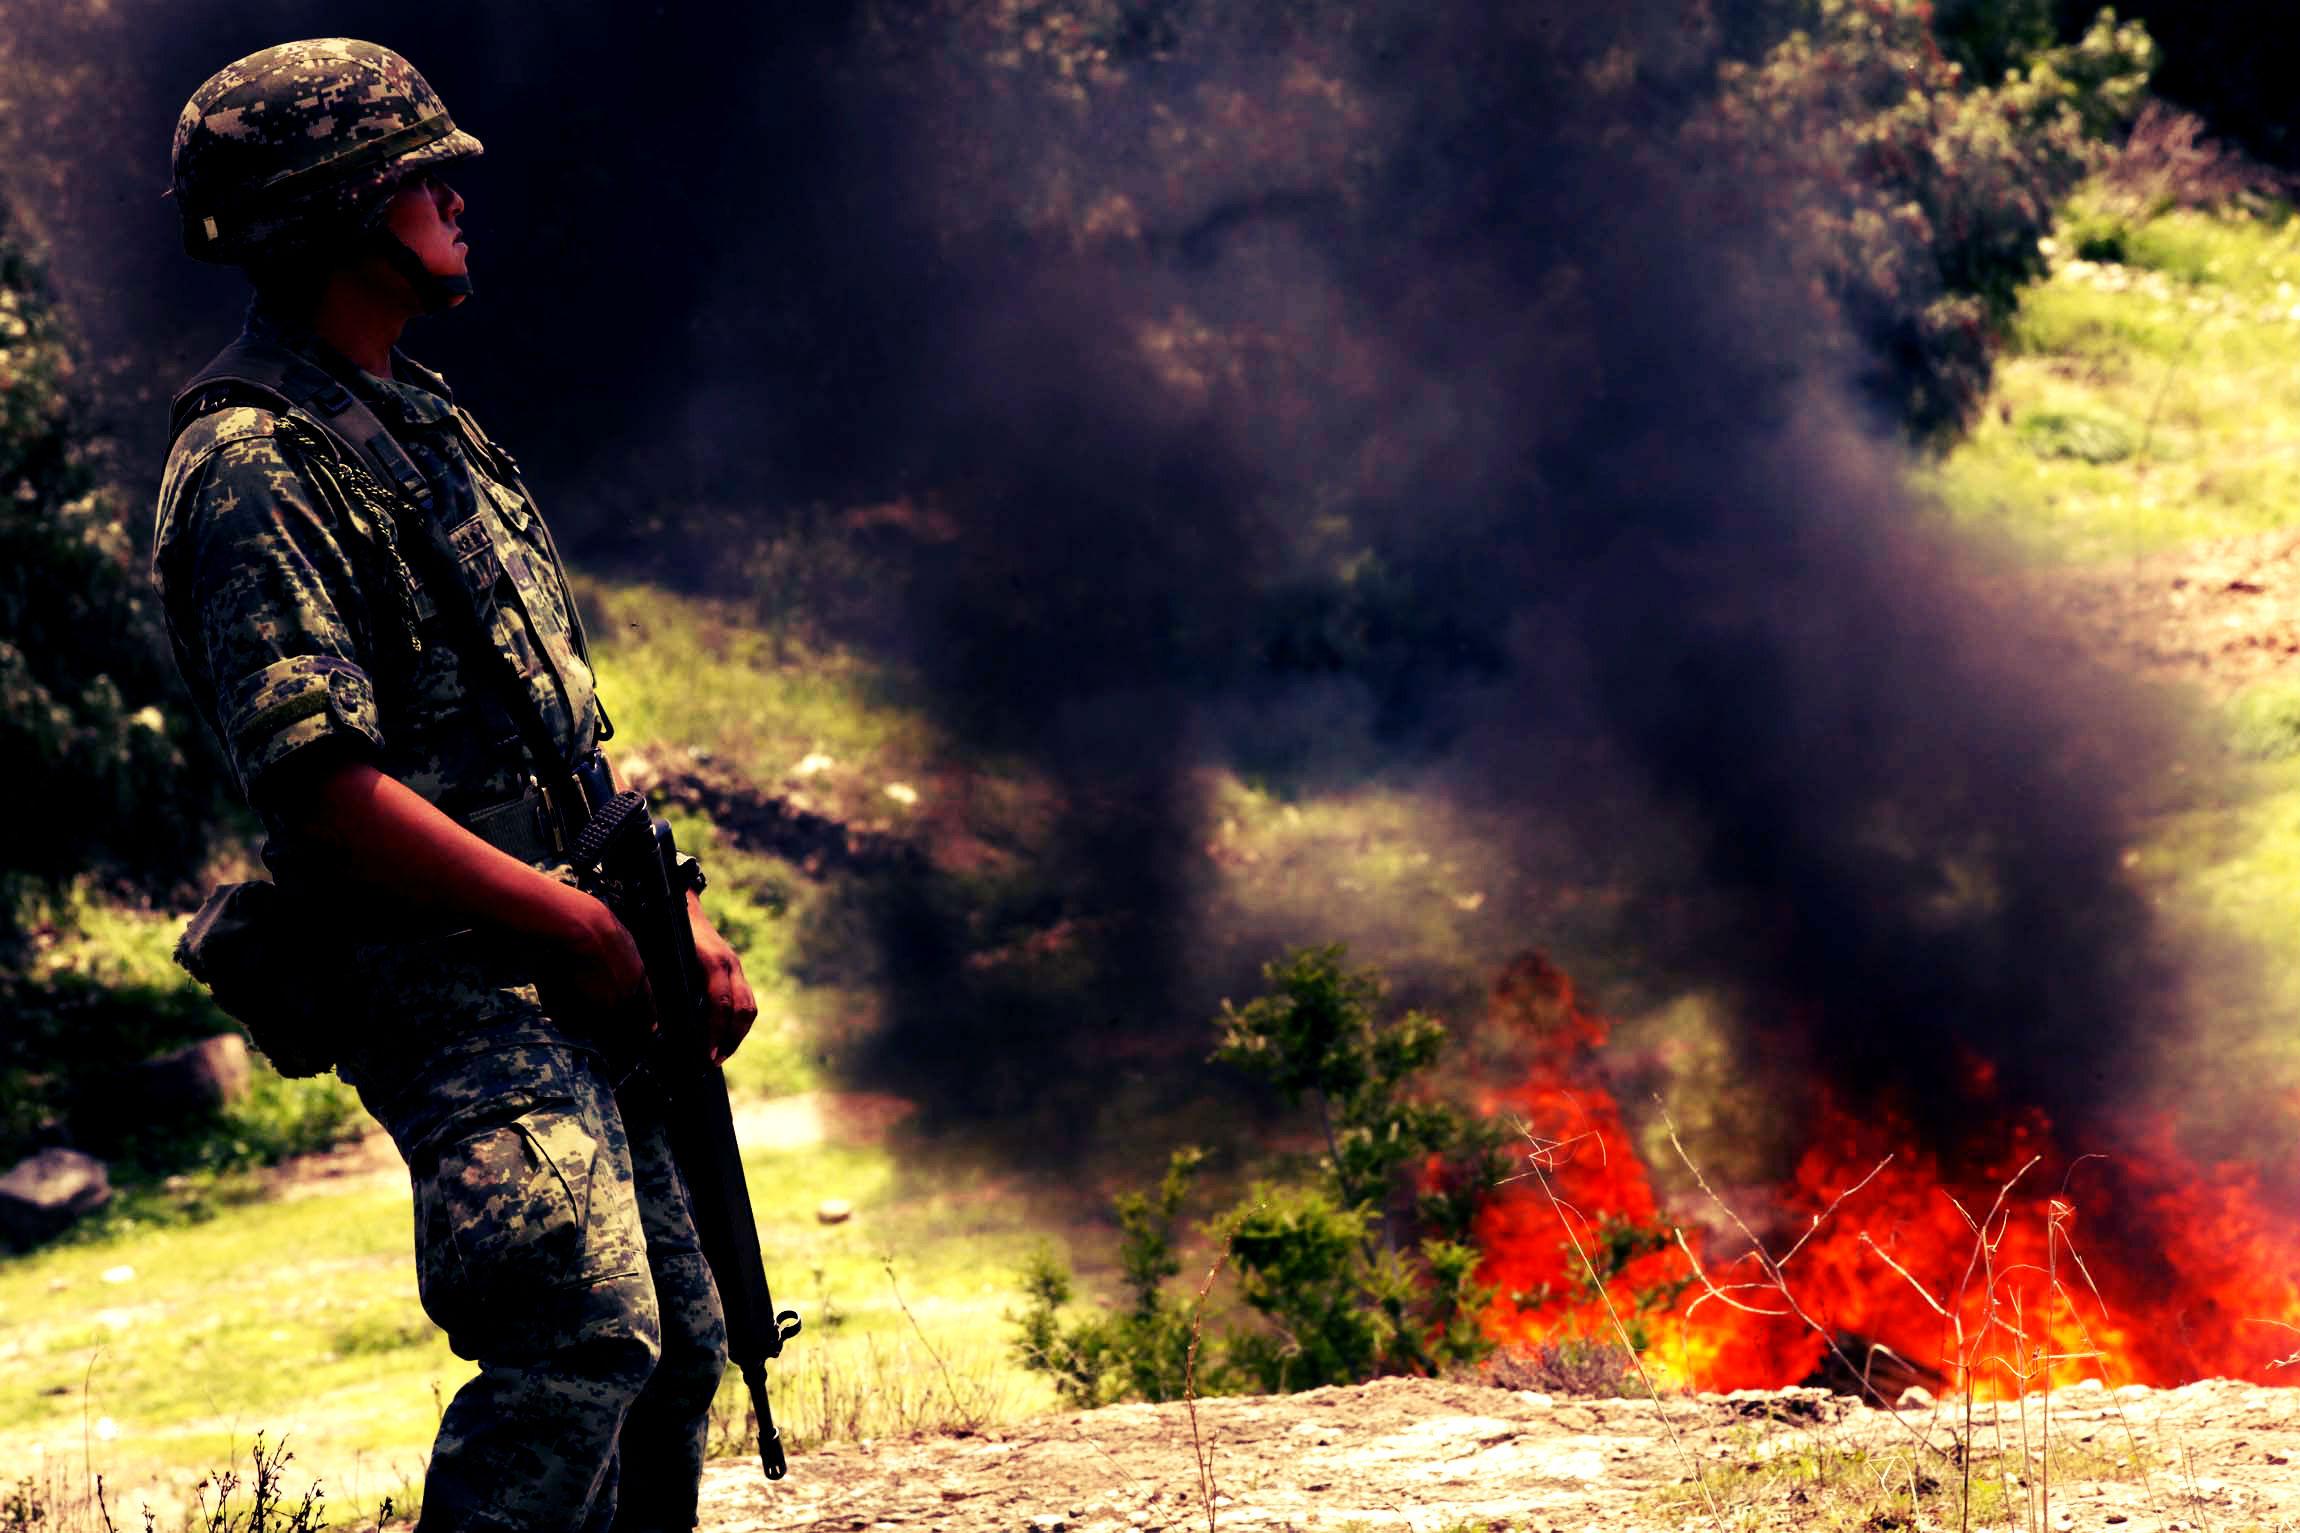 Las Fuerzas Armadas y la Lucha contra el Crimen Organizado en Centroamérica por Leopoldo E. Colmenares G.